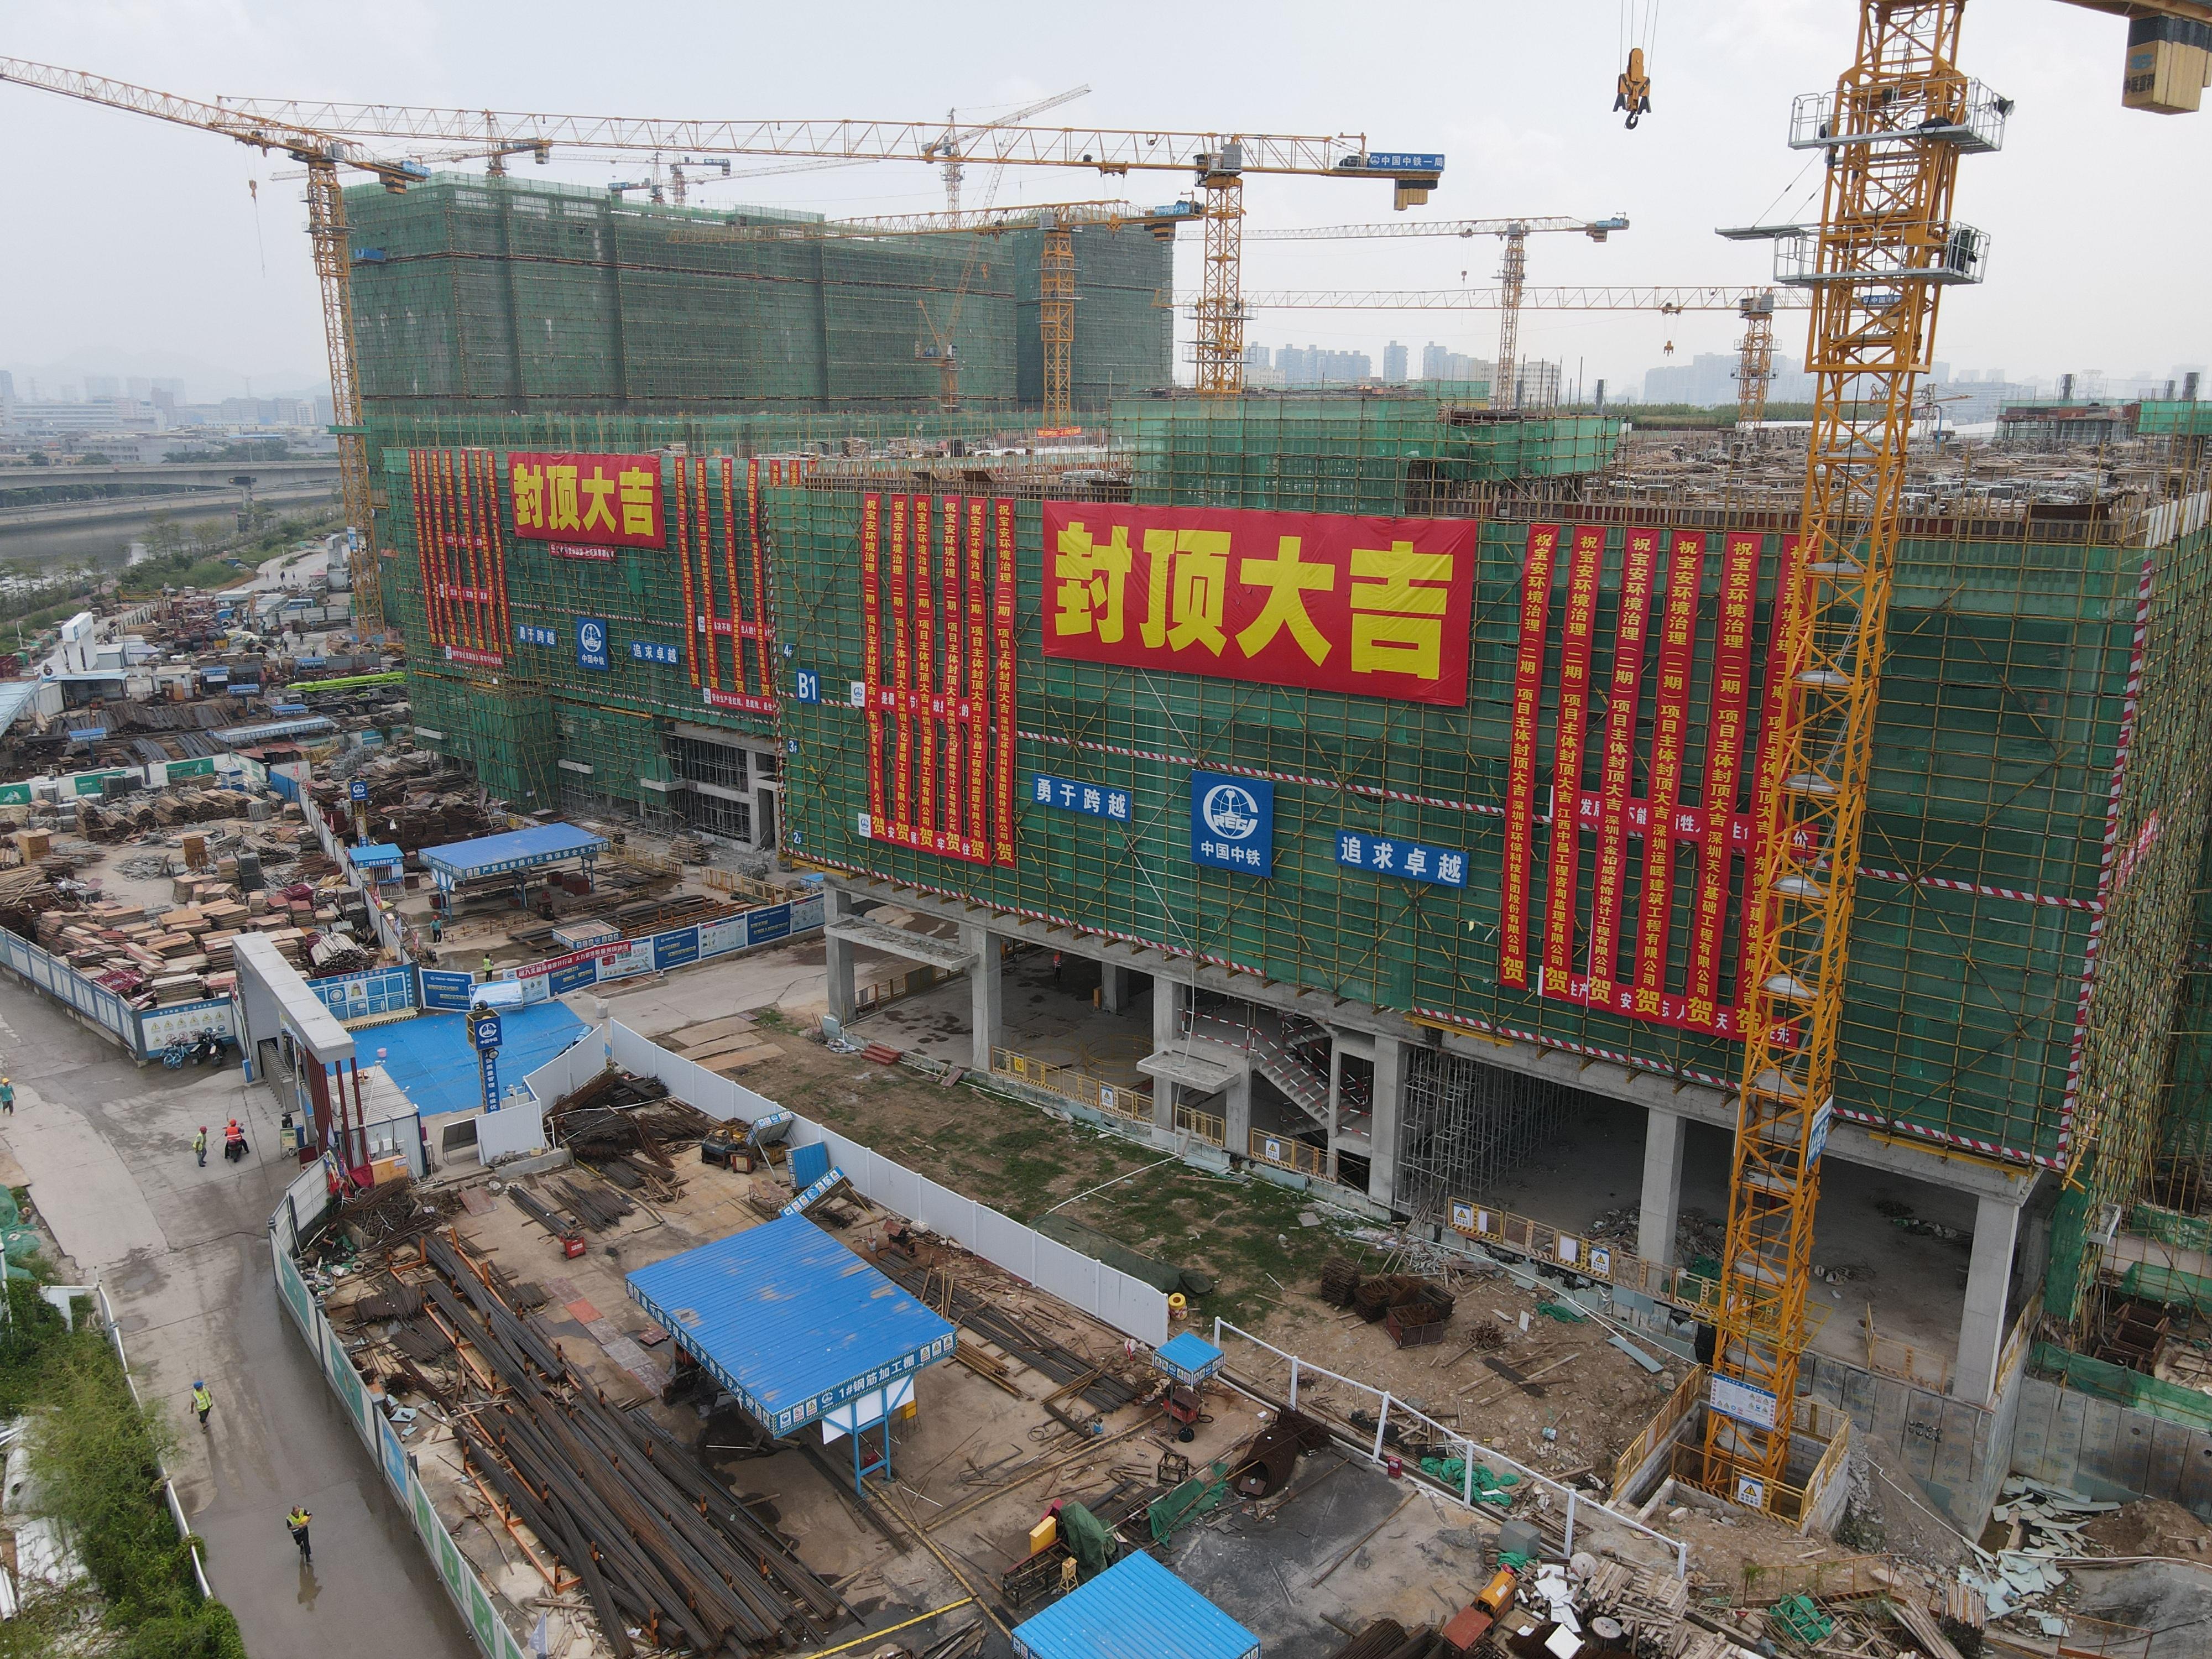 深圳宝安环境治理项目封顶 ,坚持高标准理念